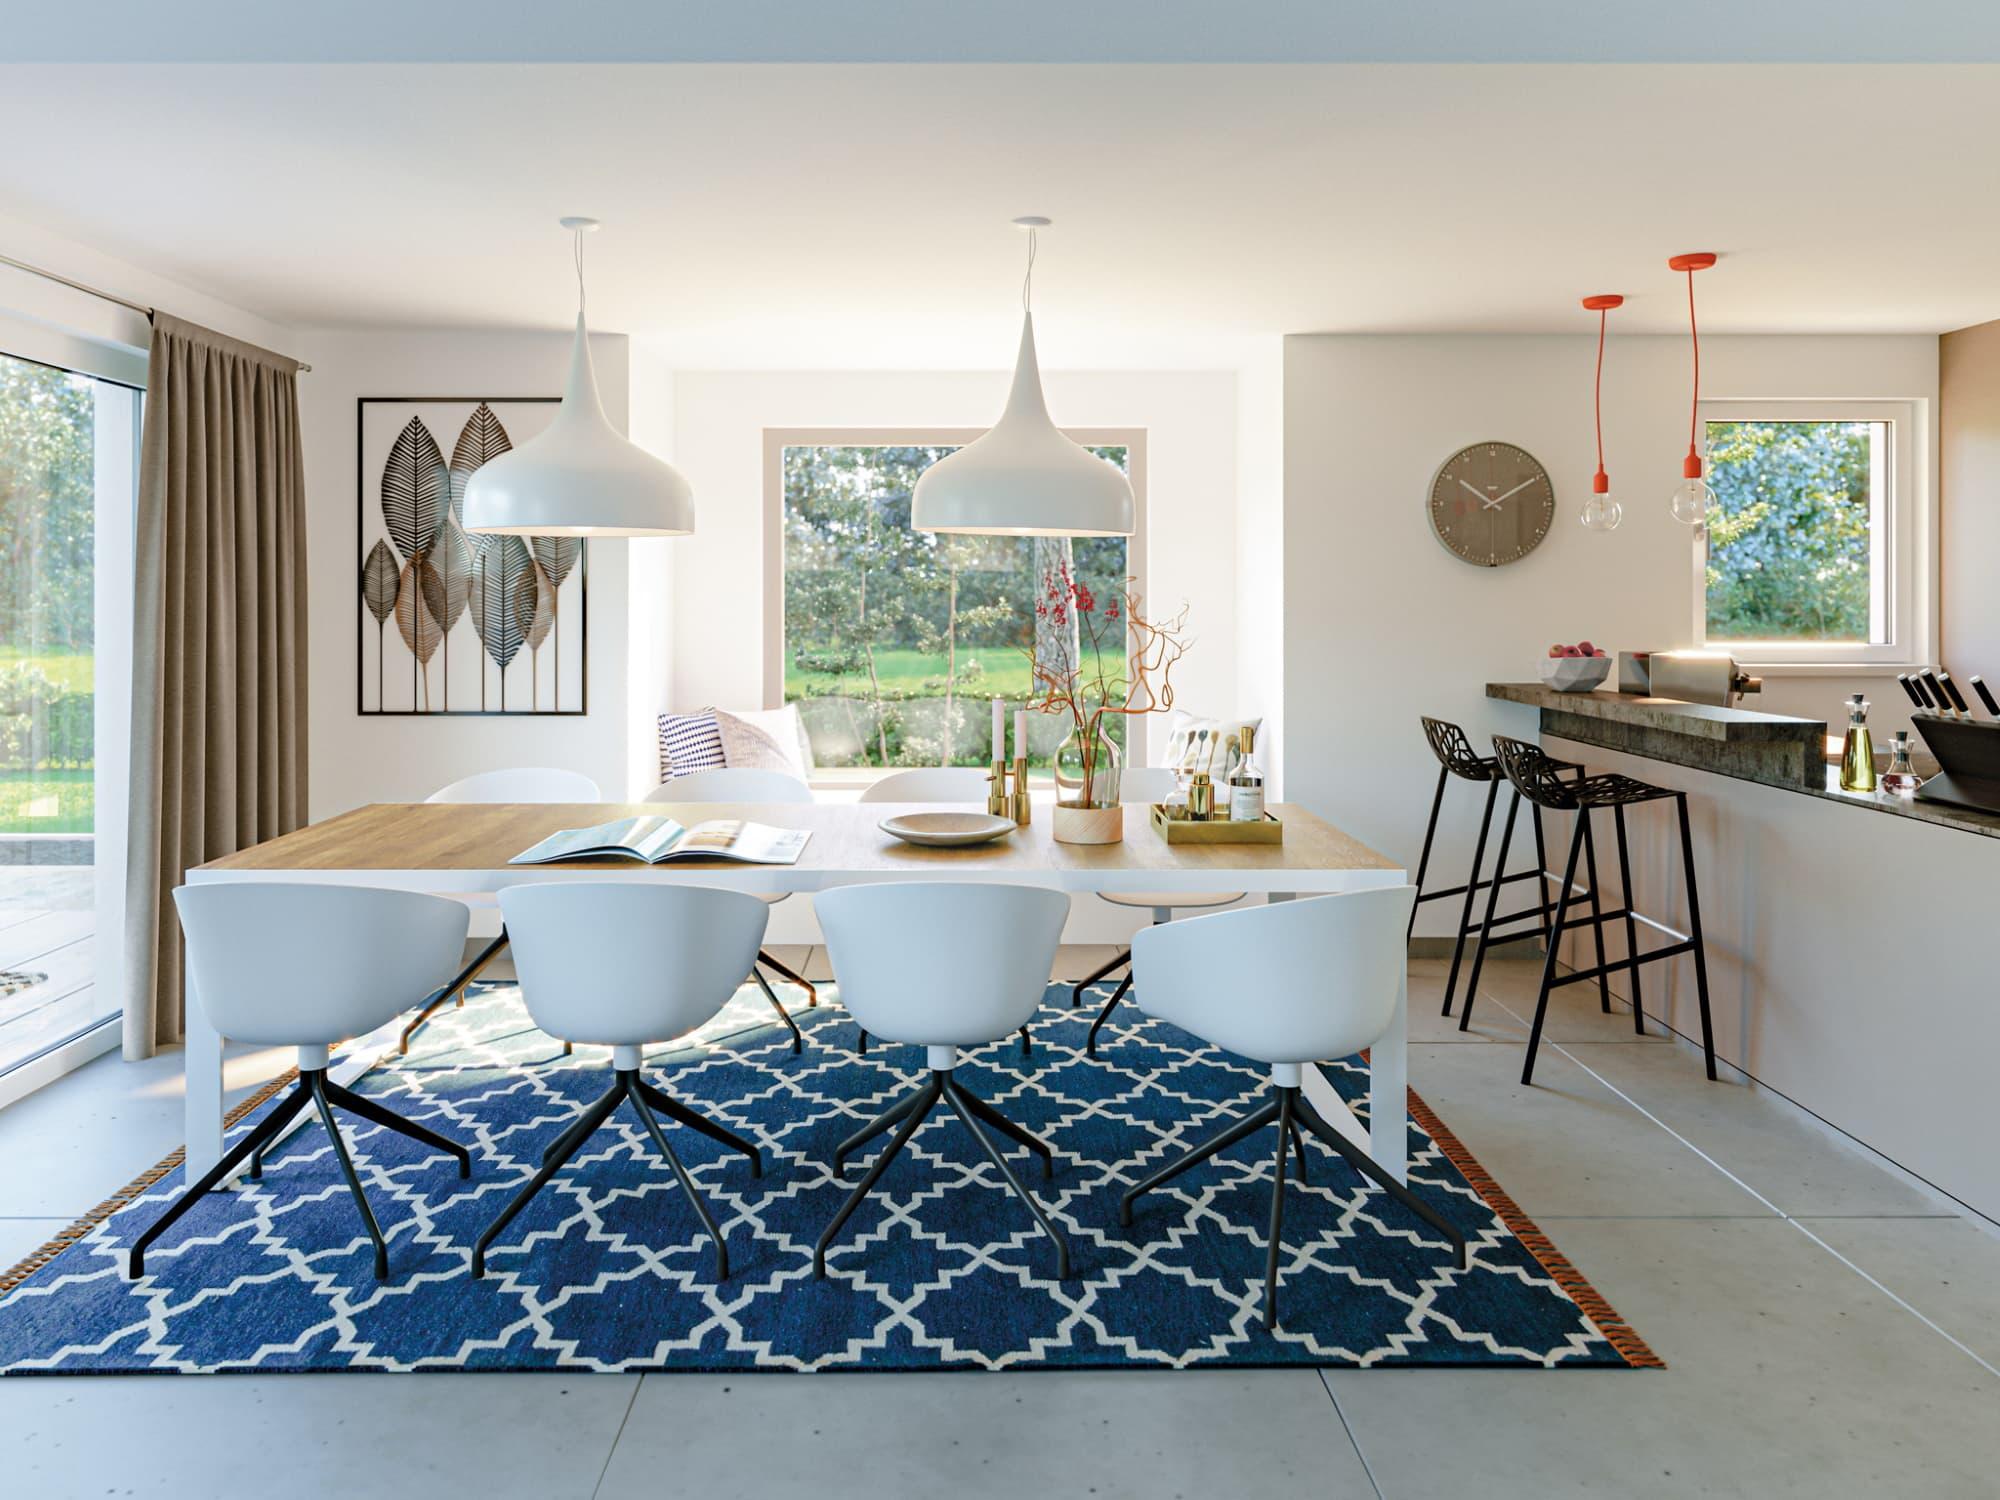 Esszimmer Ideen - Haus Design innen Stadtvilla Bien Zenker Fertighaus EDITION 120 V5 - HausbauDirekt.de